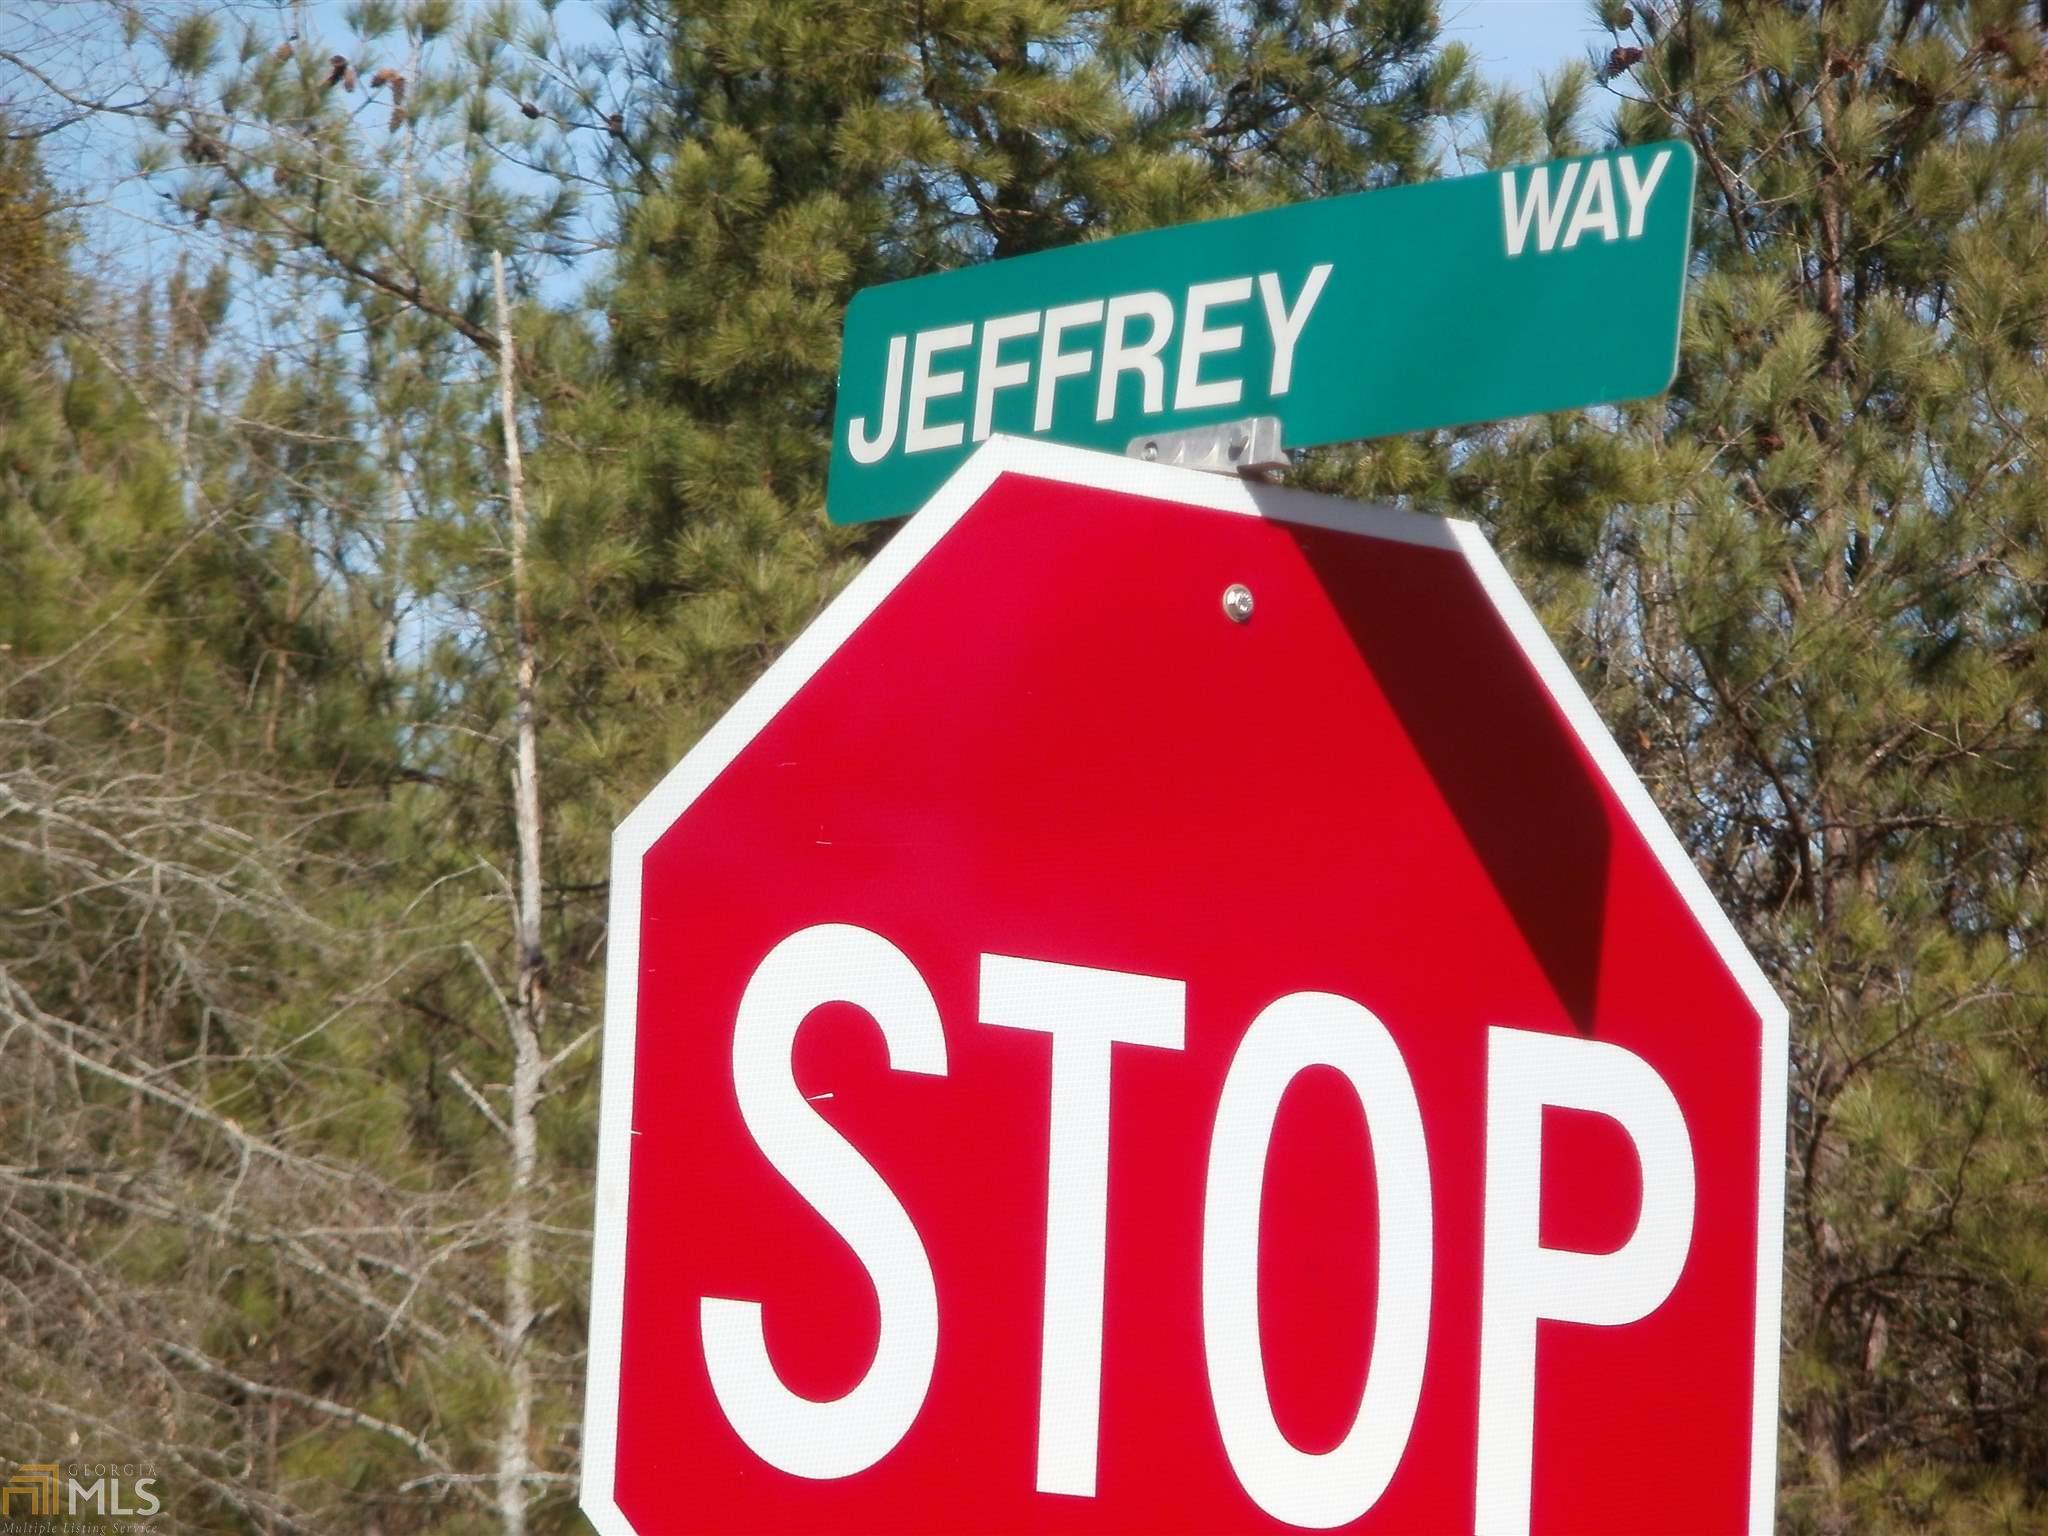 231 Jeffrey Way Forsyth, GA